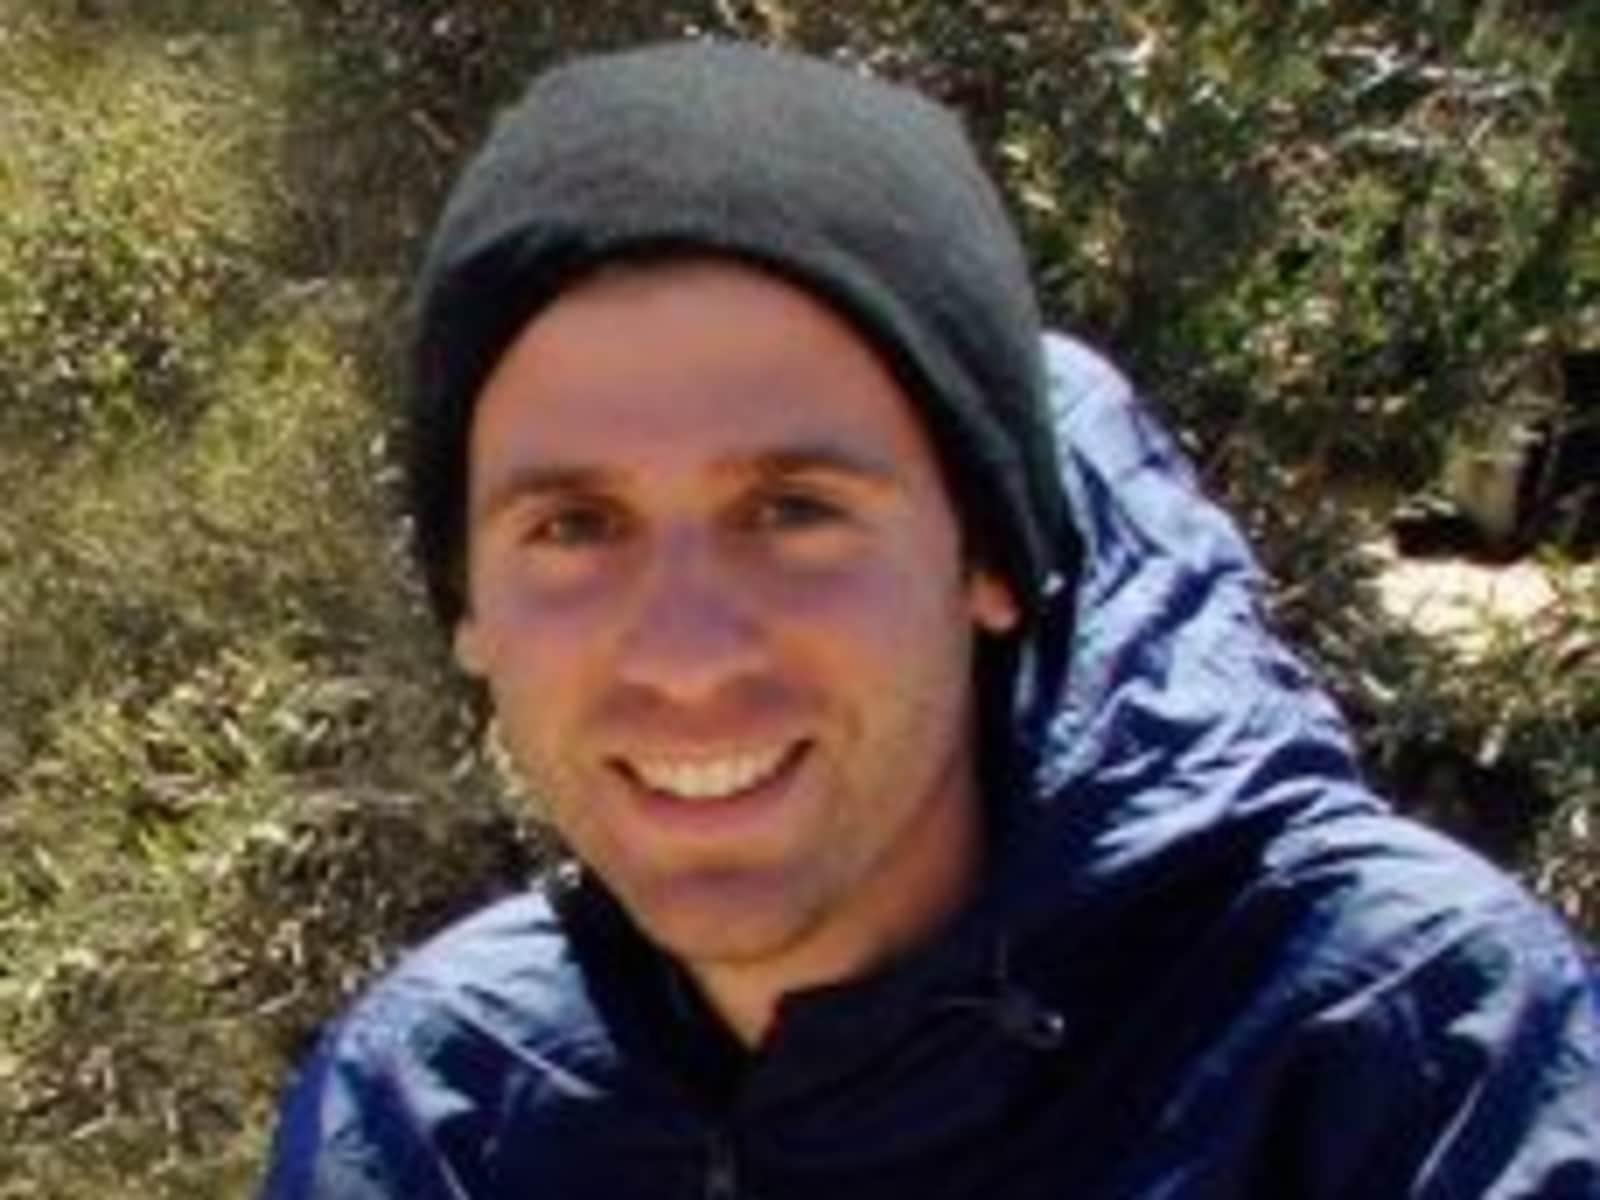 Jeff from Seattle, Washington, United States